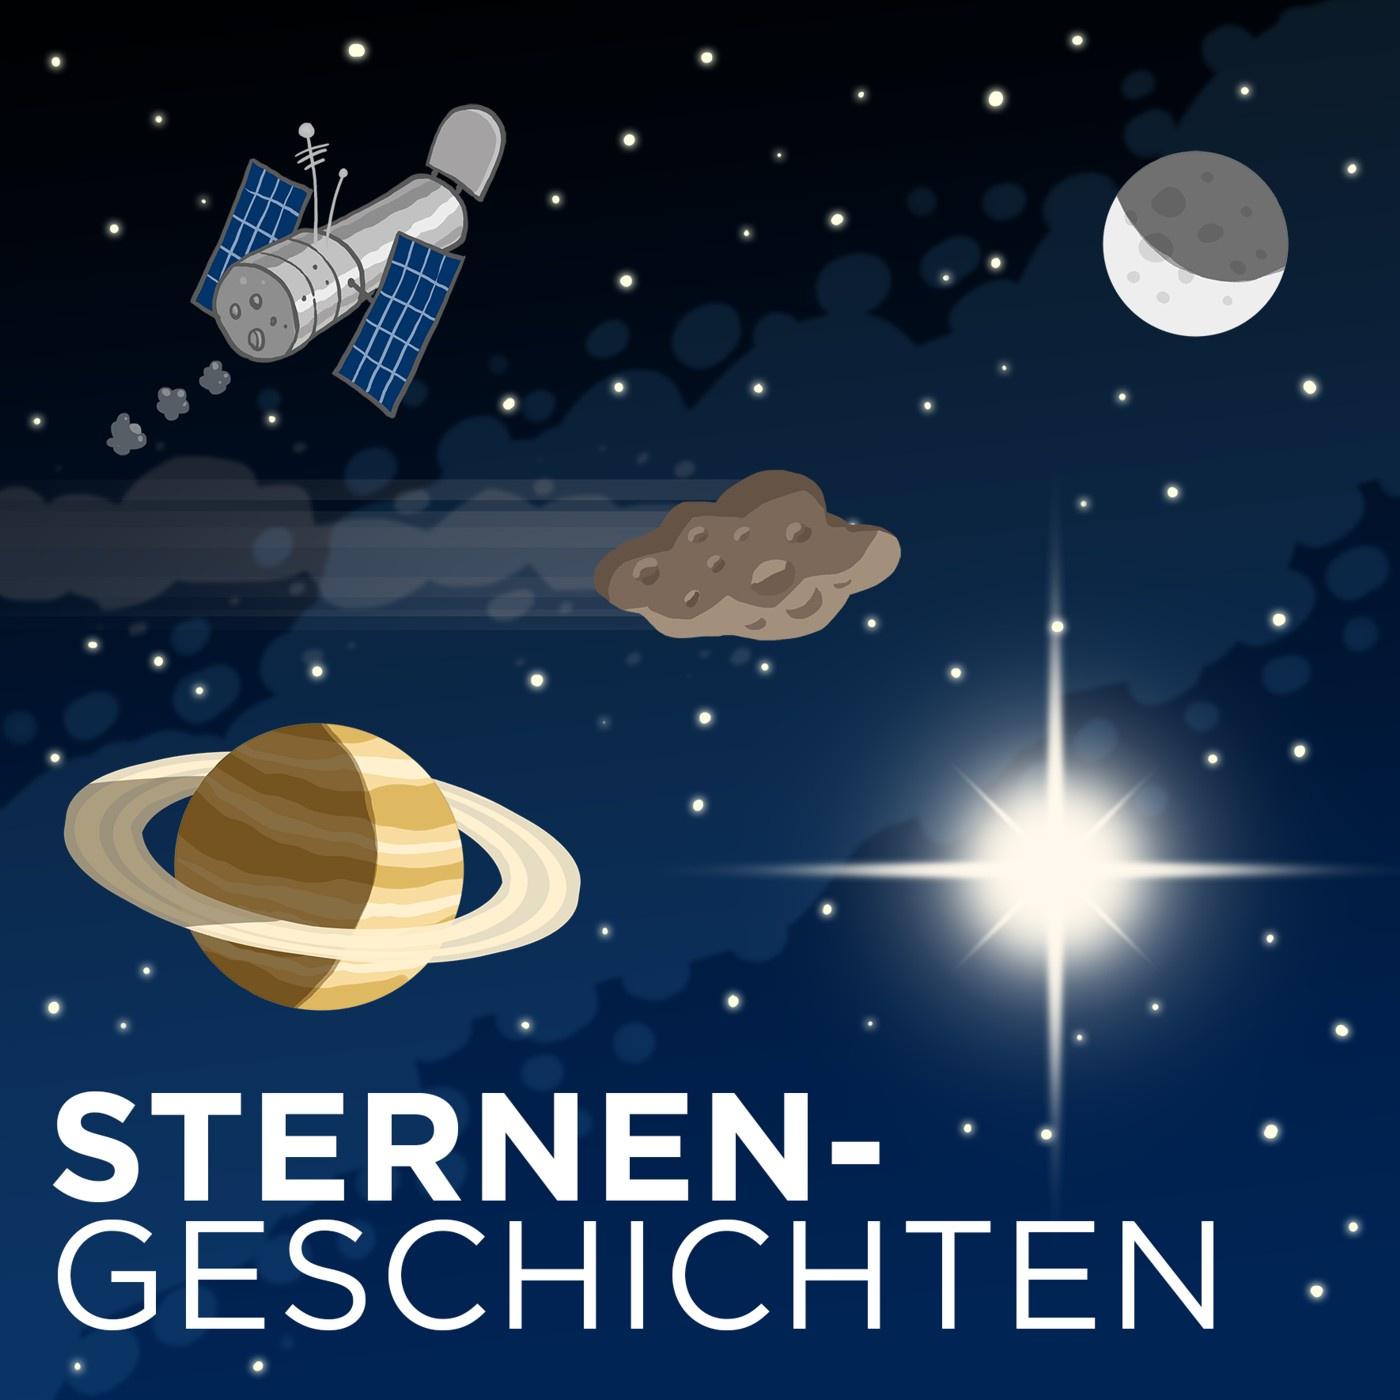 Sternengeschichten Folge 434: Der (menschengemachte) Klimawandel